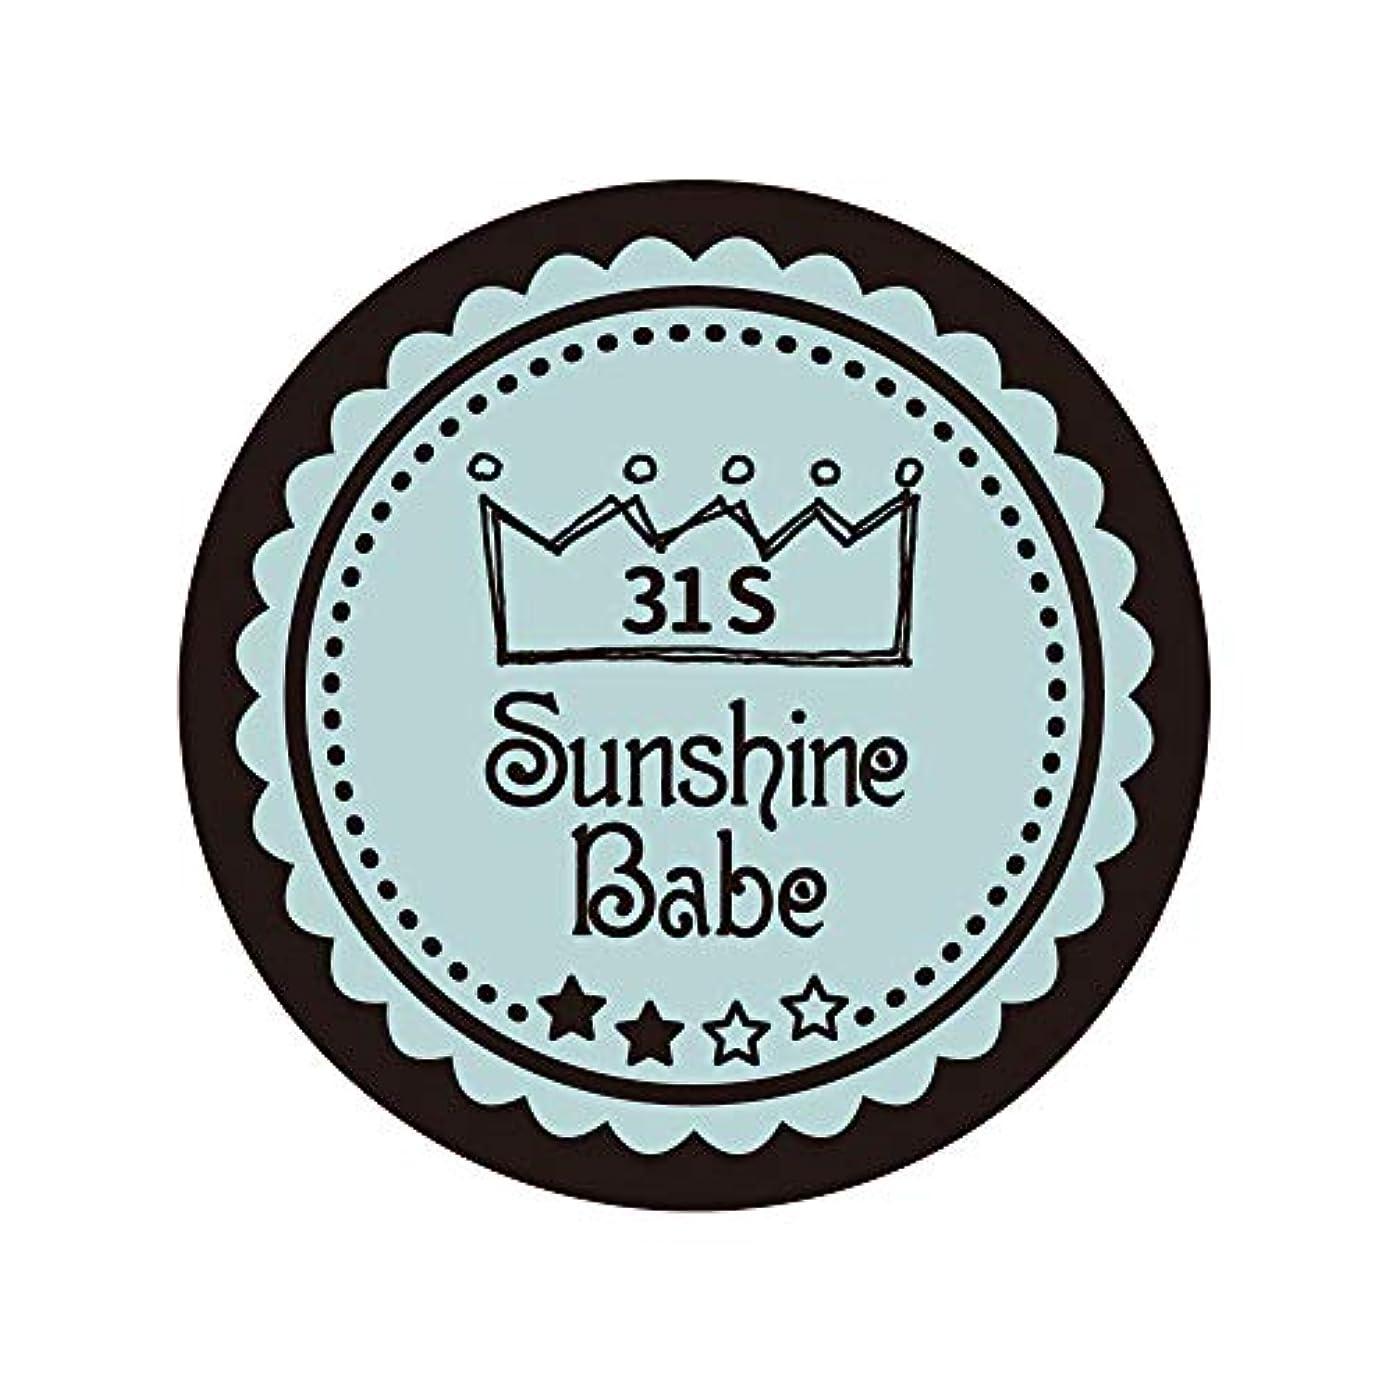 無限大にぎやか儀式Sunshine Babe カラージェル 31S アイスブルー 2.7g UV/LED対応